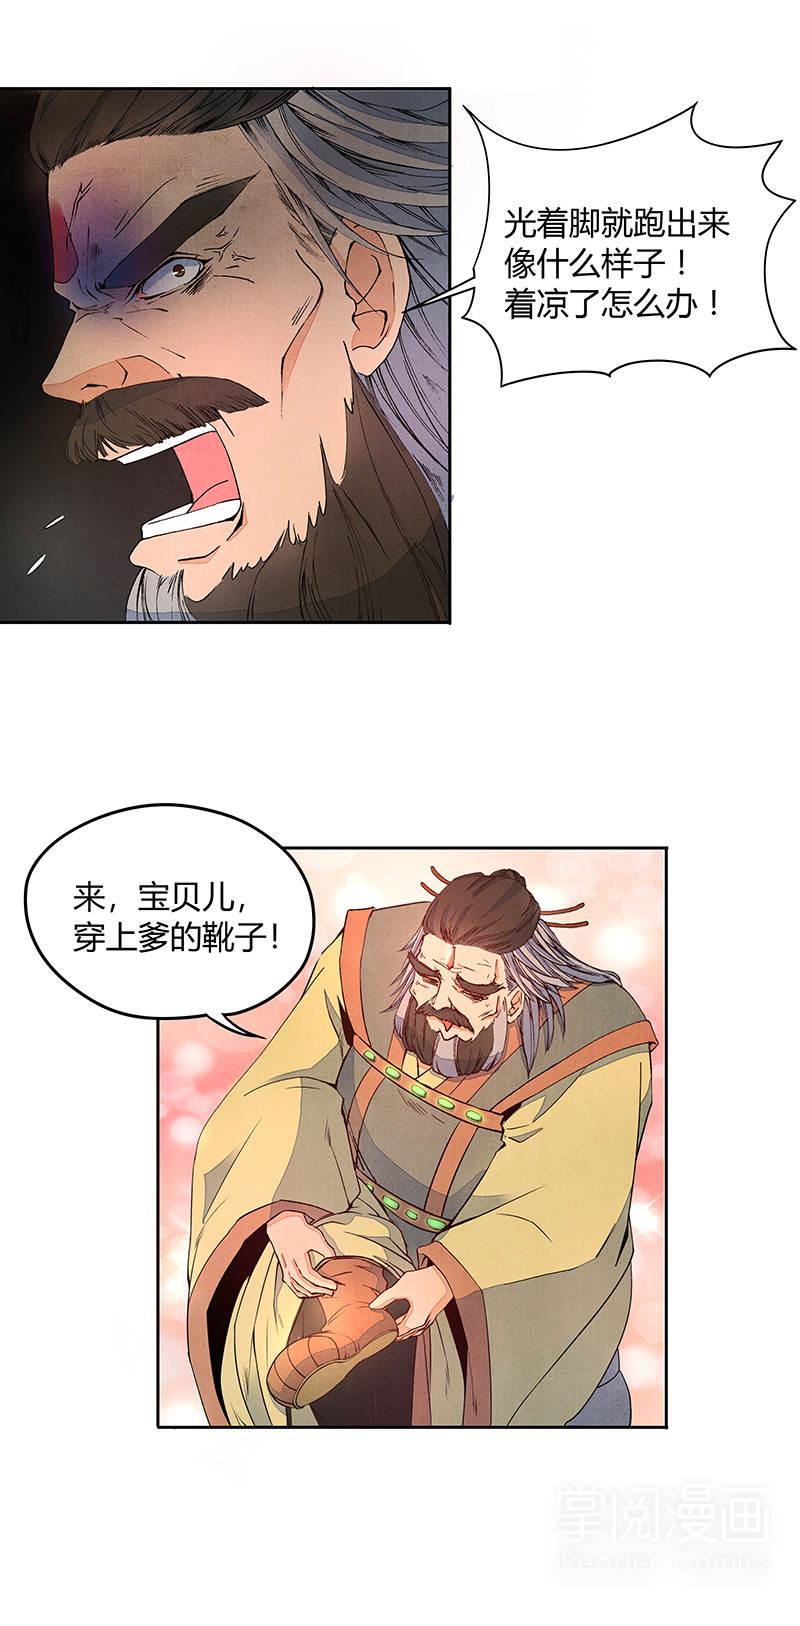 逍遥游第33话  千难历尽终告捷 第 8